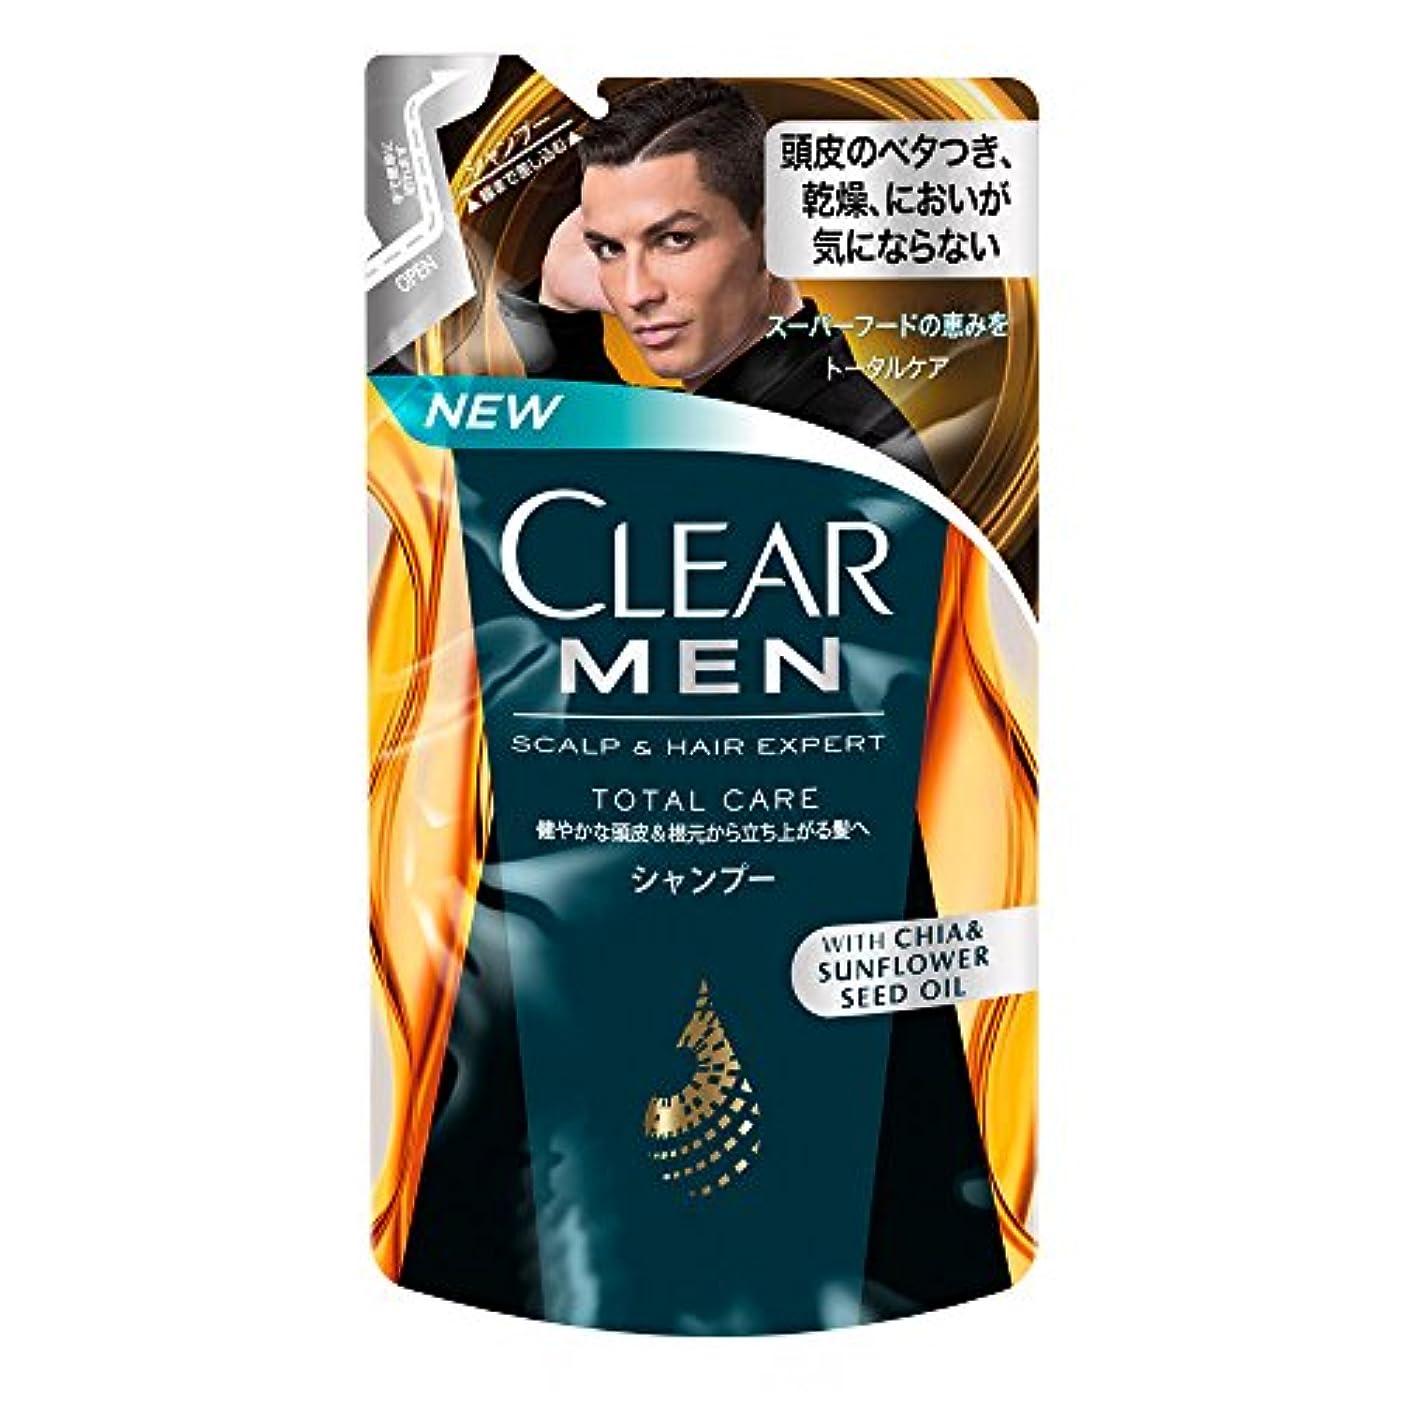 サークルステップペニークリア フォーメン トータルケア 男性用シャンプー つめかえ用 (健やかな頭皮へ) 280g